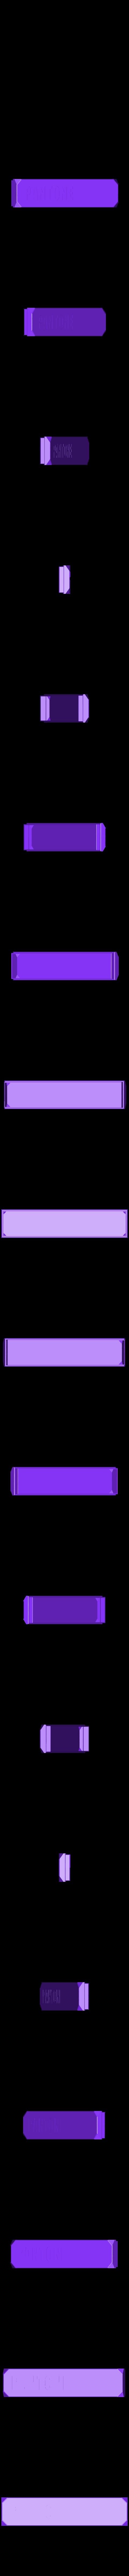 PANTONE BOX-LID.stl Télécharger fichier STL gratuit PANTONE BOX • Objet imprimable en 3D, Ovocom